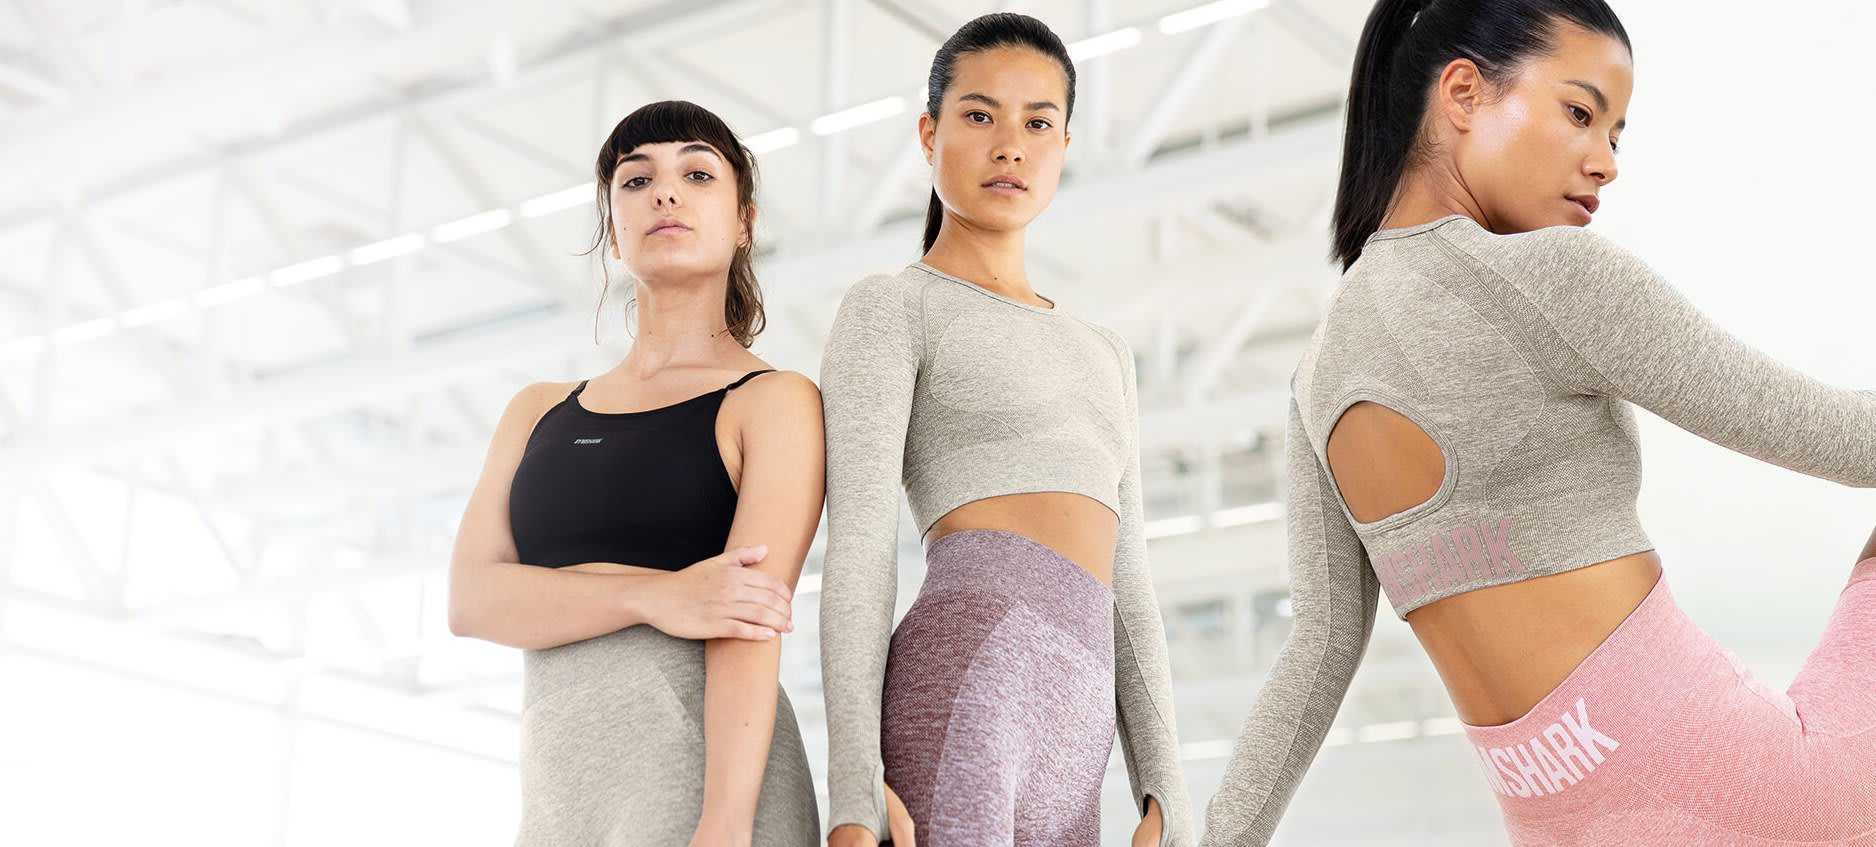 Eine Collage von 2 weiblichen Models, die sich in einer hell erleuchteten Szene direkt in die Kamera stellen, während sie die Must Have Flex-Kollektion tragen.